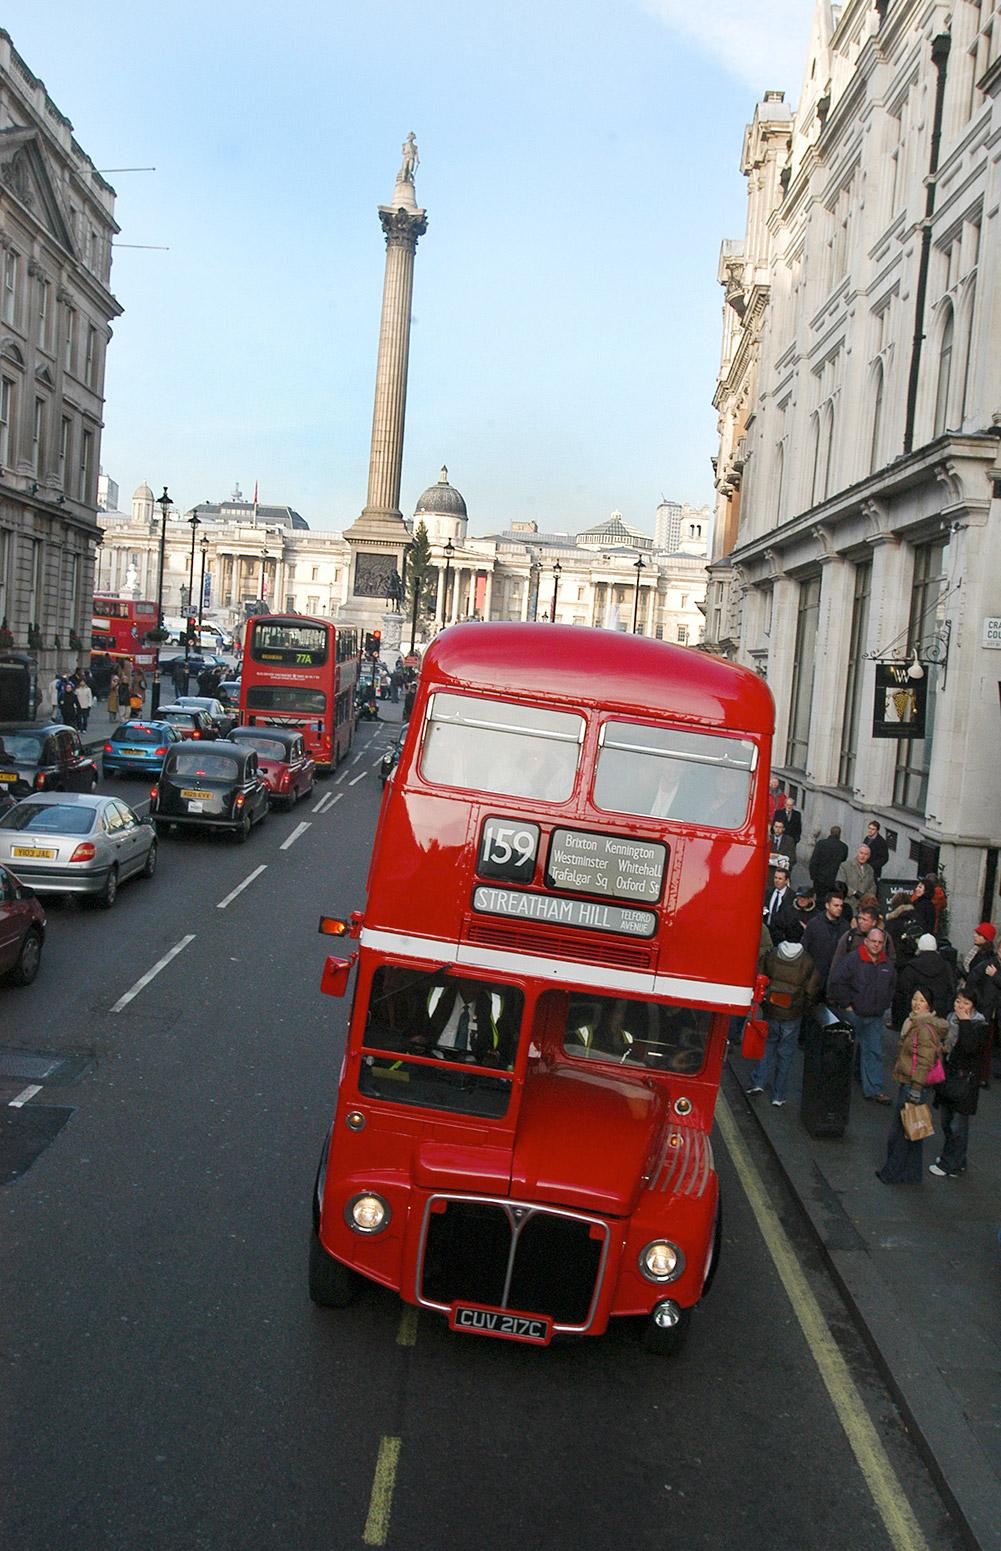 倫敦巴士搭車攻略:必搭的復古老公車Routemaster